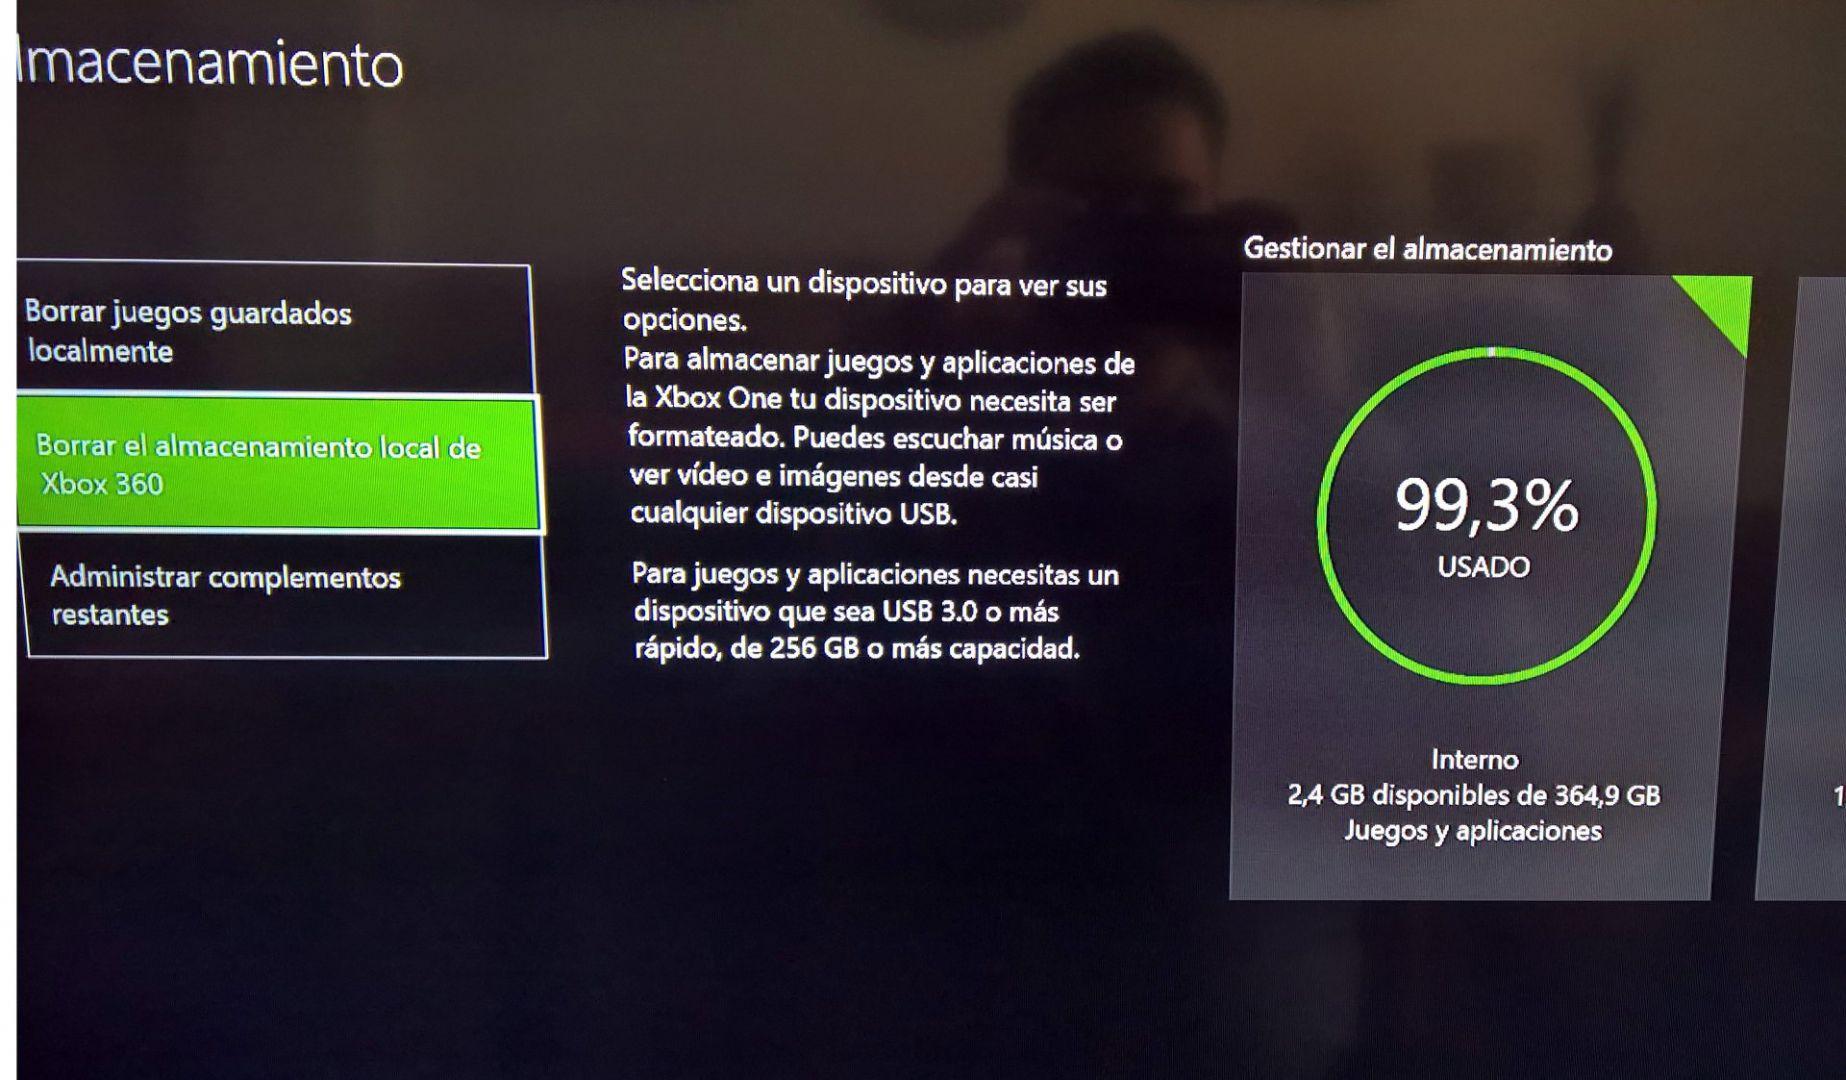 Almacenamiento Inteligente de Xbox